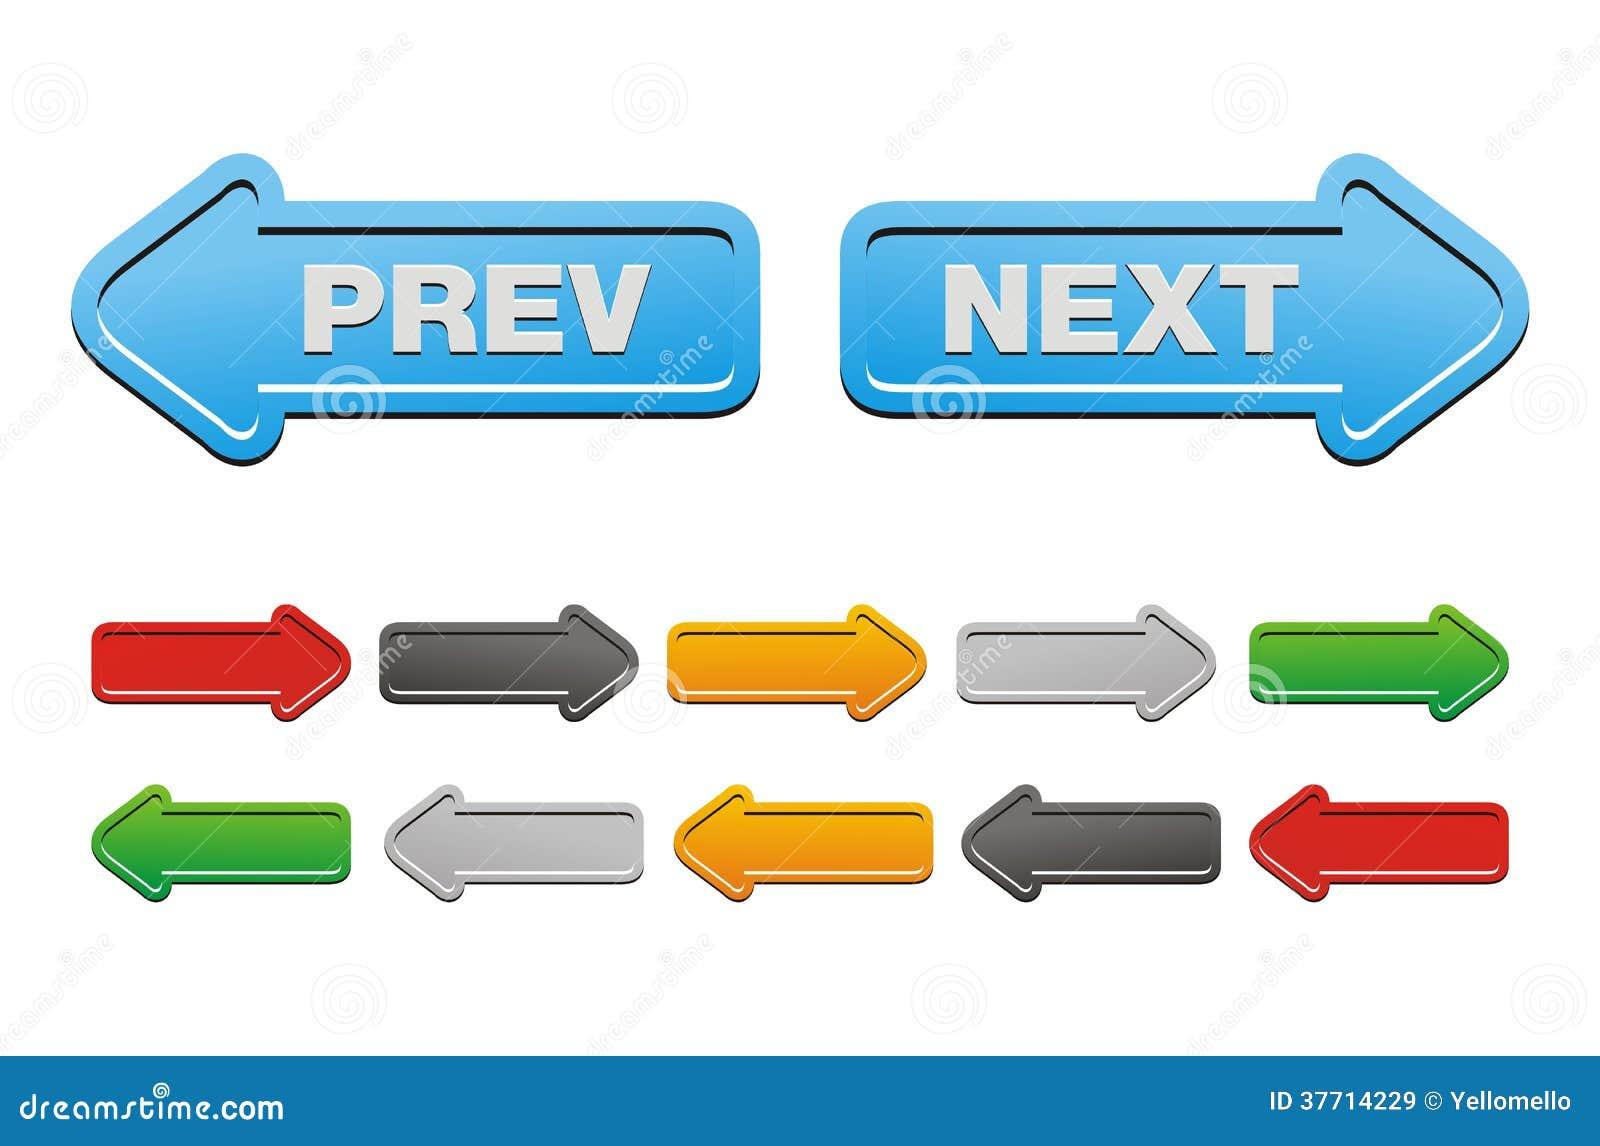 cda8060d86fa Next Prev Stock Illustrations – 272 Next Prev Stock Illustrations ...